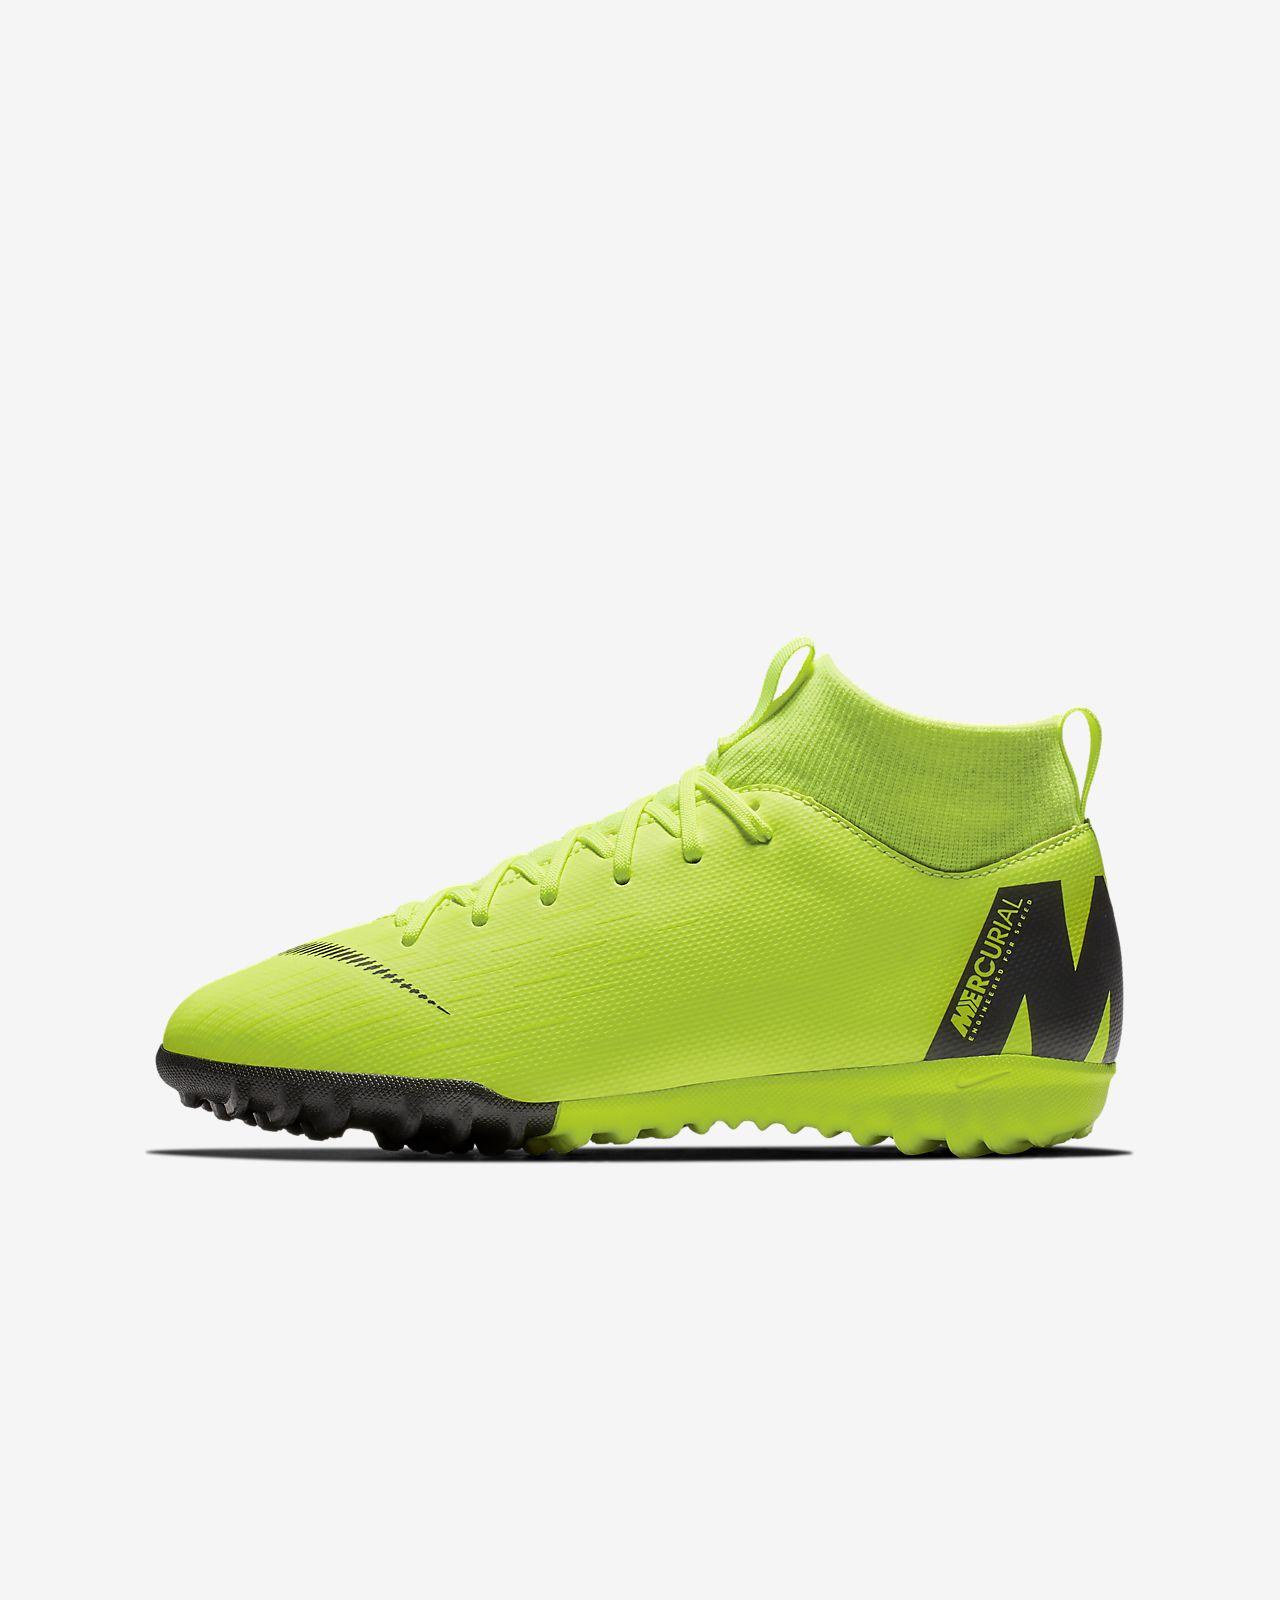 Ποδοσφαιρικό παπούτσι για χλοοτάπητα Nike Jr. MercurialX Superfly VI Academy για μικρά/μεγάλα παιδιά